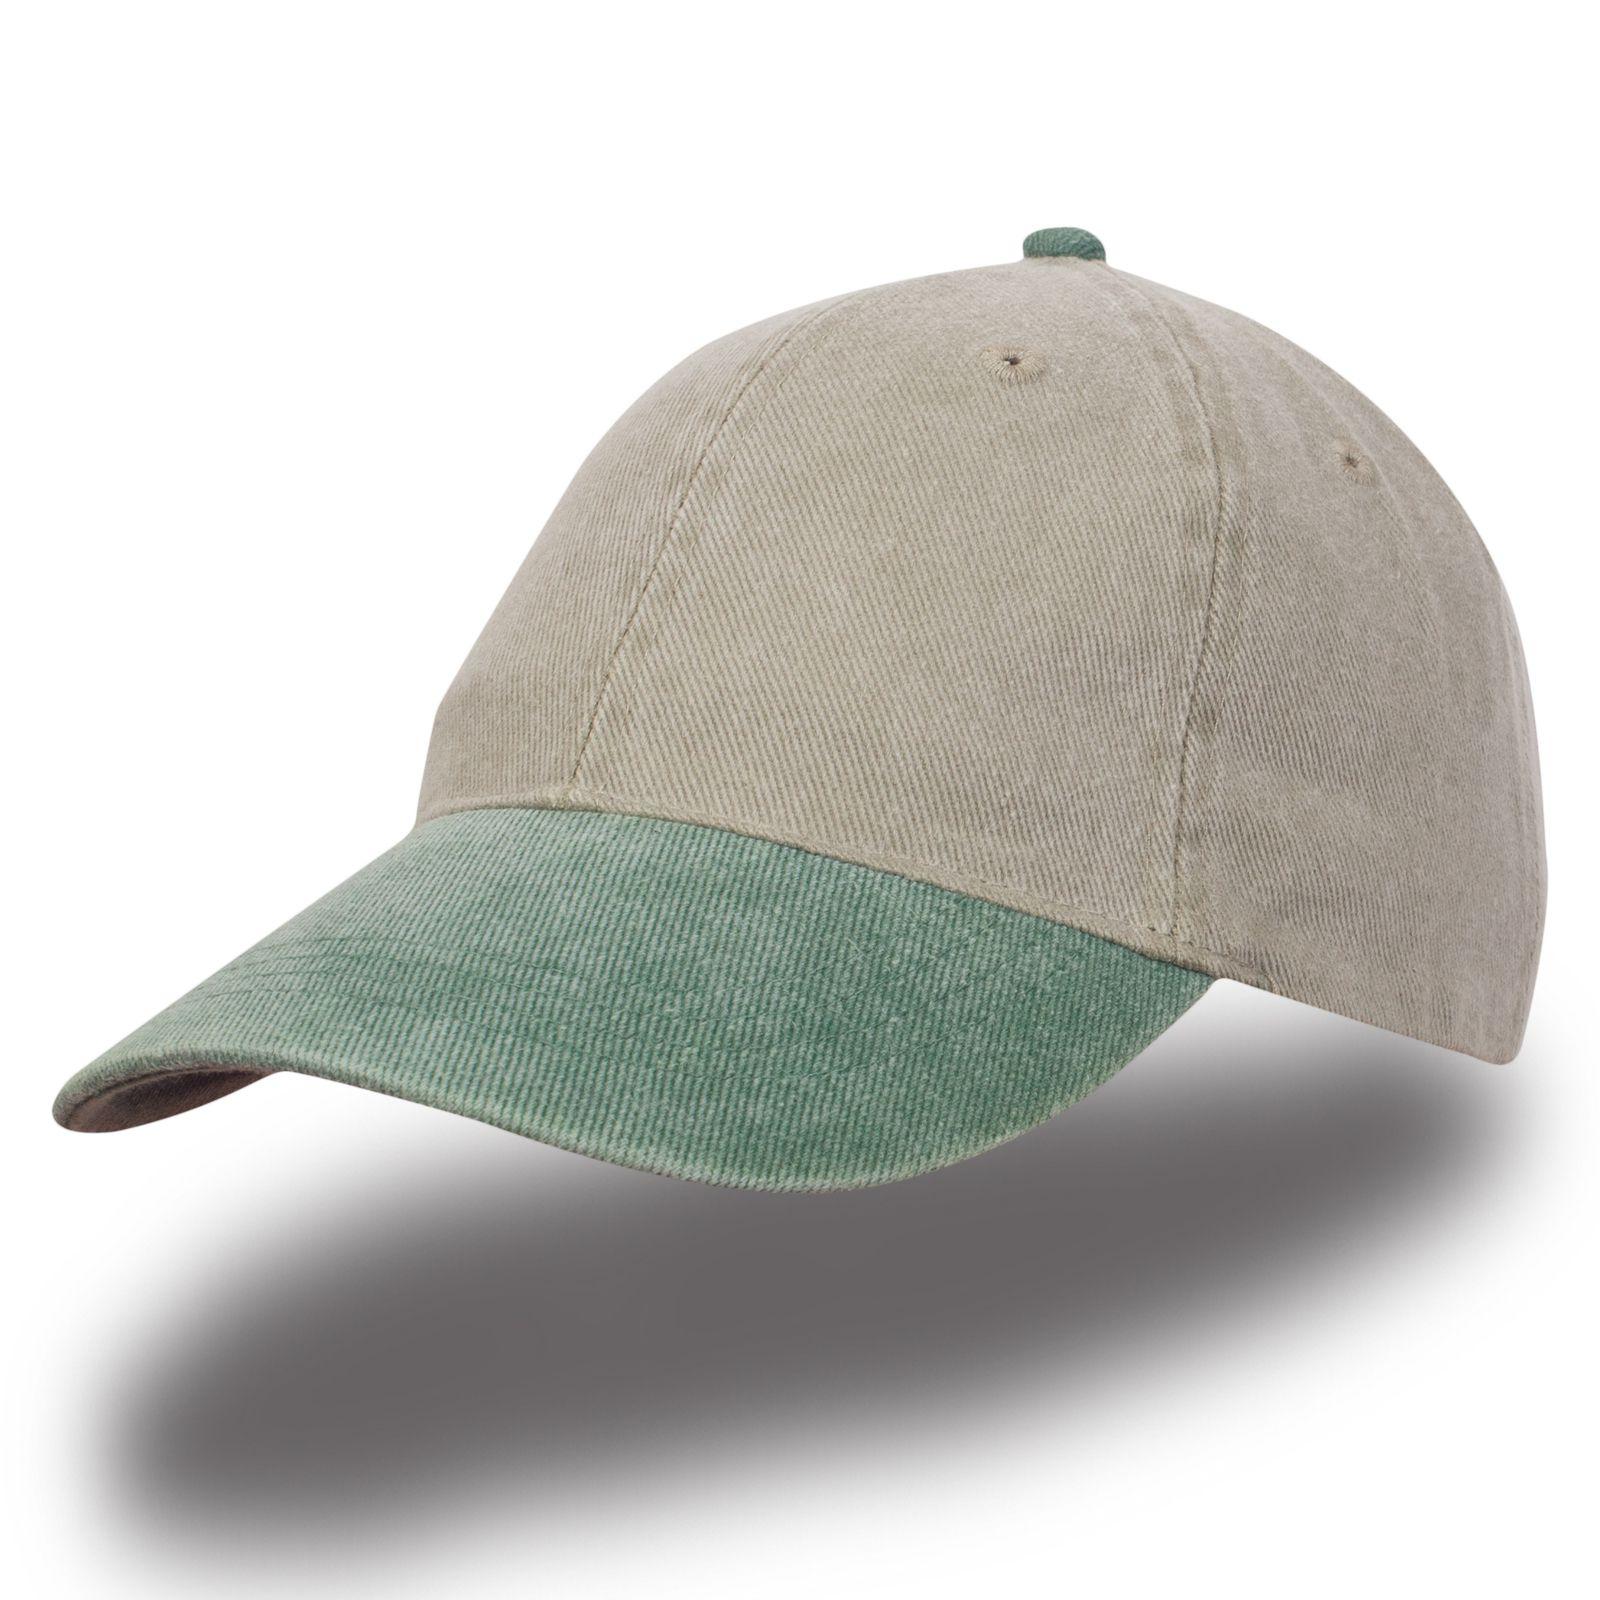 Джинсовая кепка - купить в интернет-магазине с доставкой